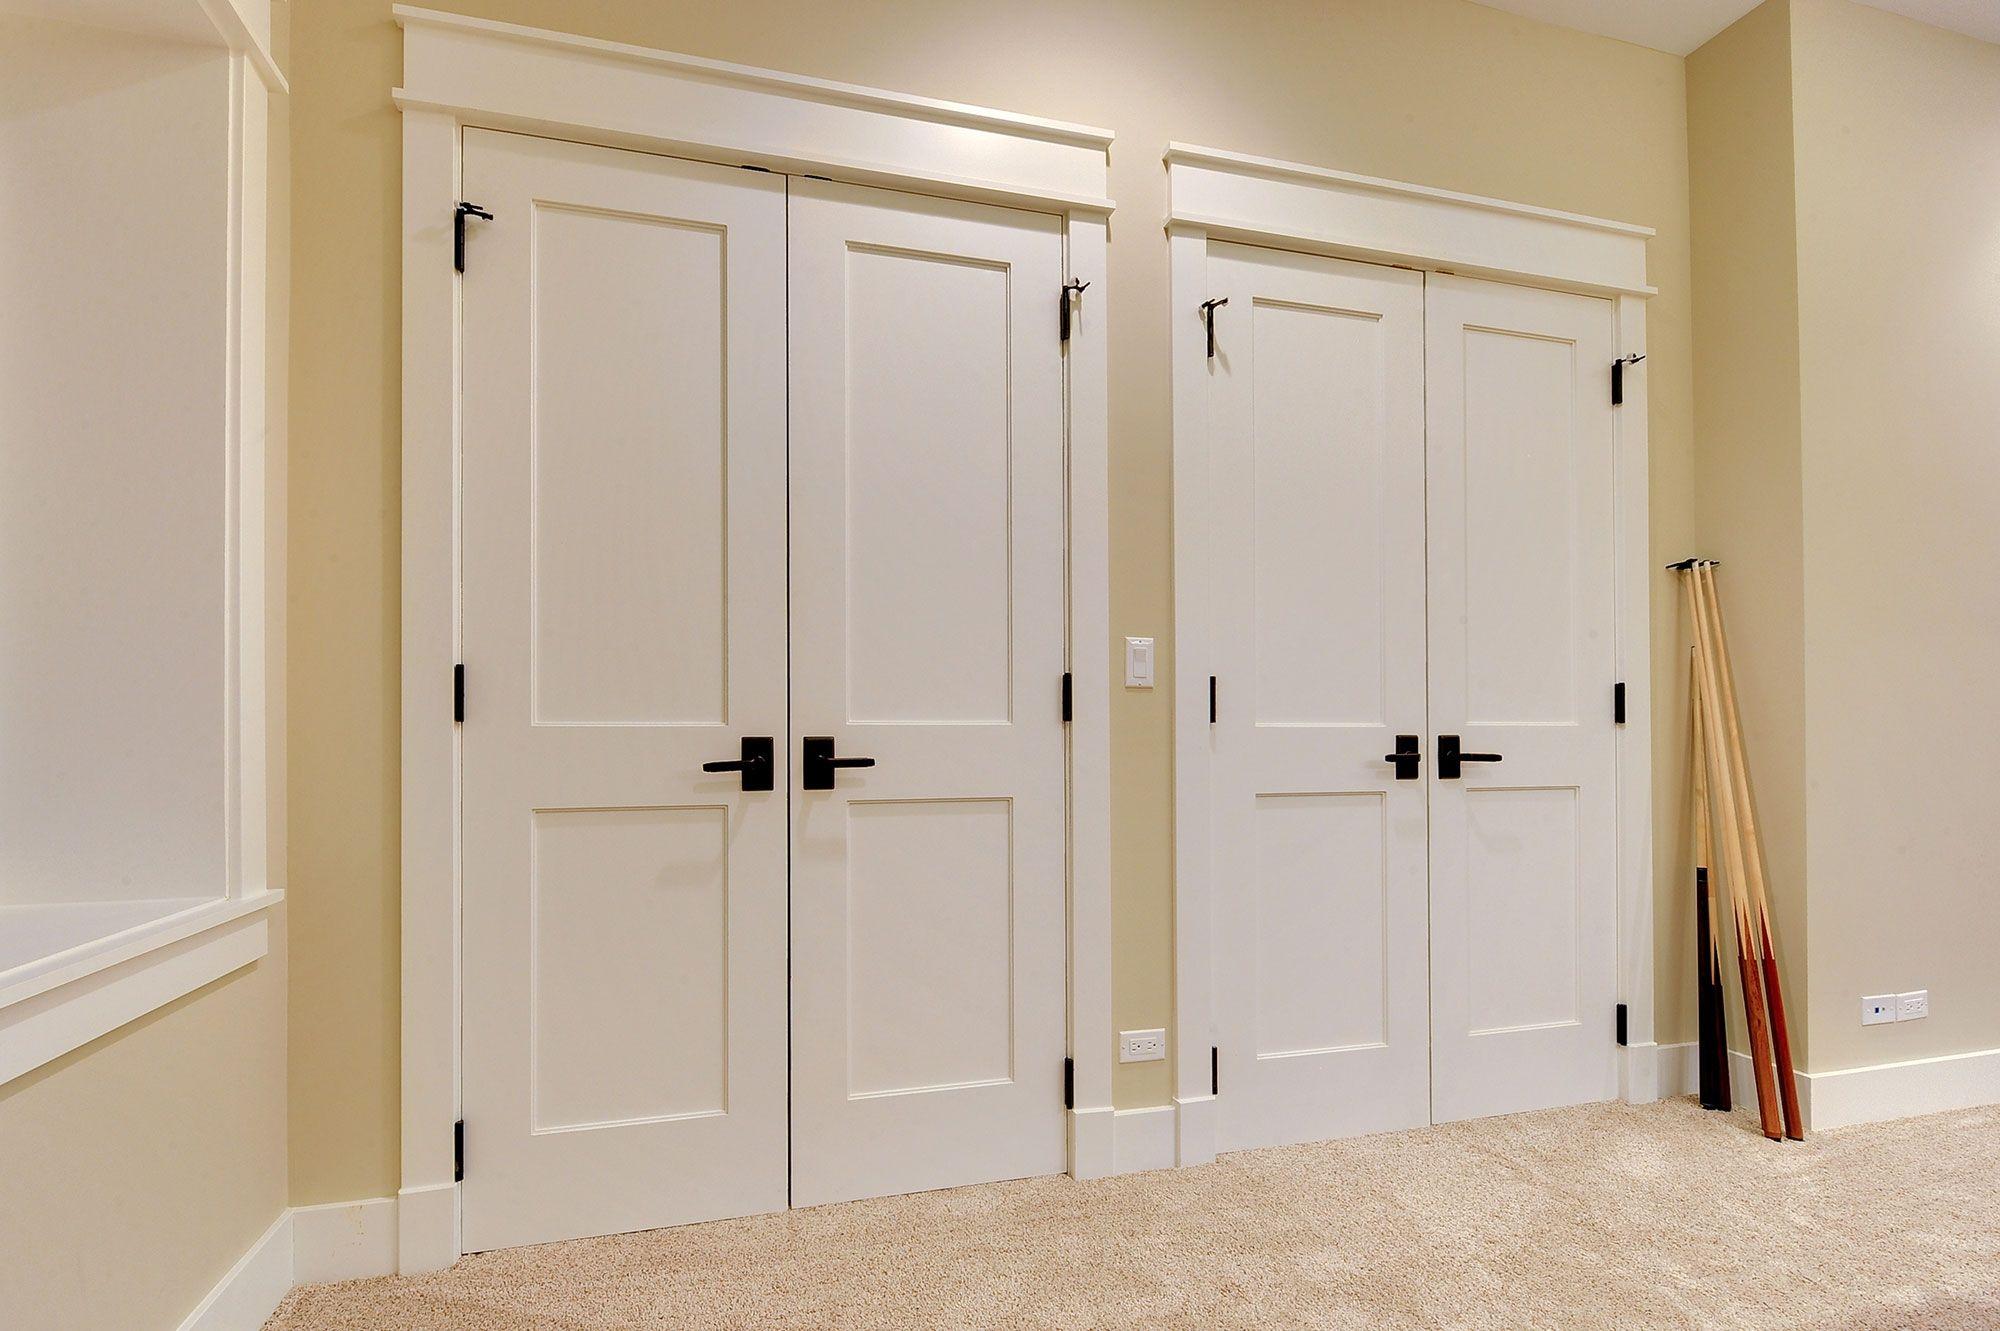 Beau Swinging Closet Doors For Bedrooms